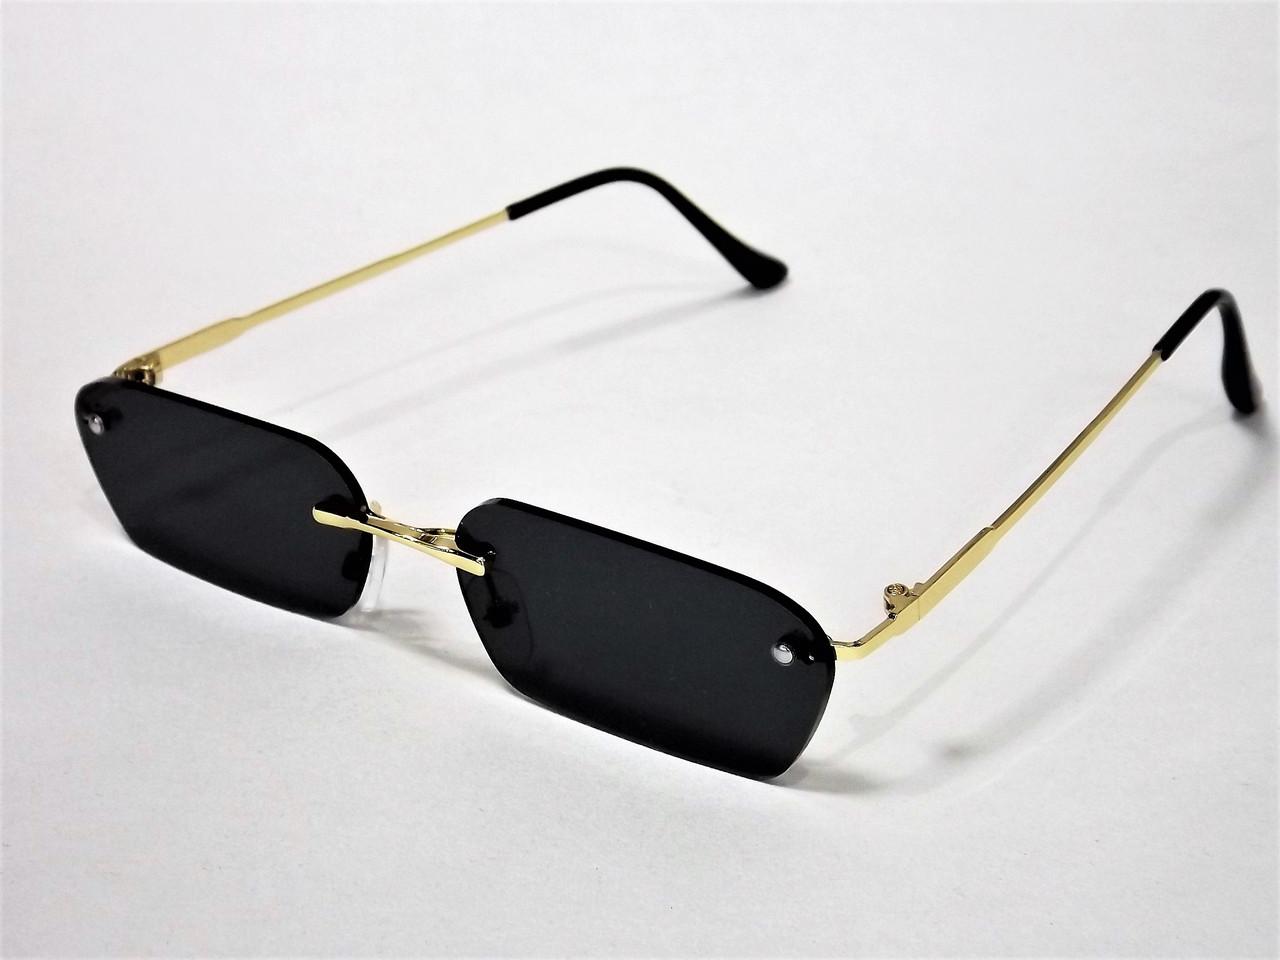 ffe3353e8c8c Очки солнцезащитные прямоугольные черные с золотом - интернет-магазин